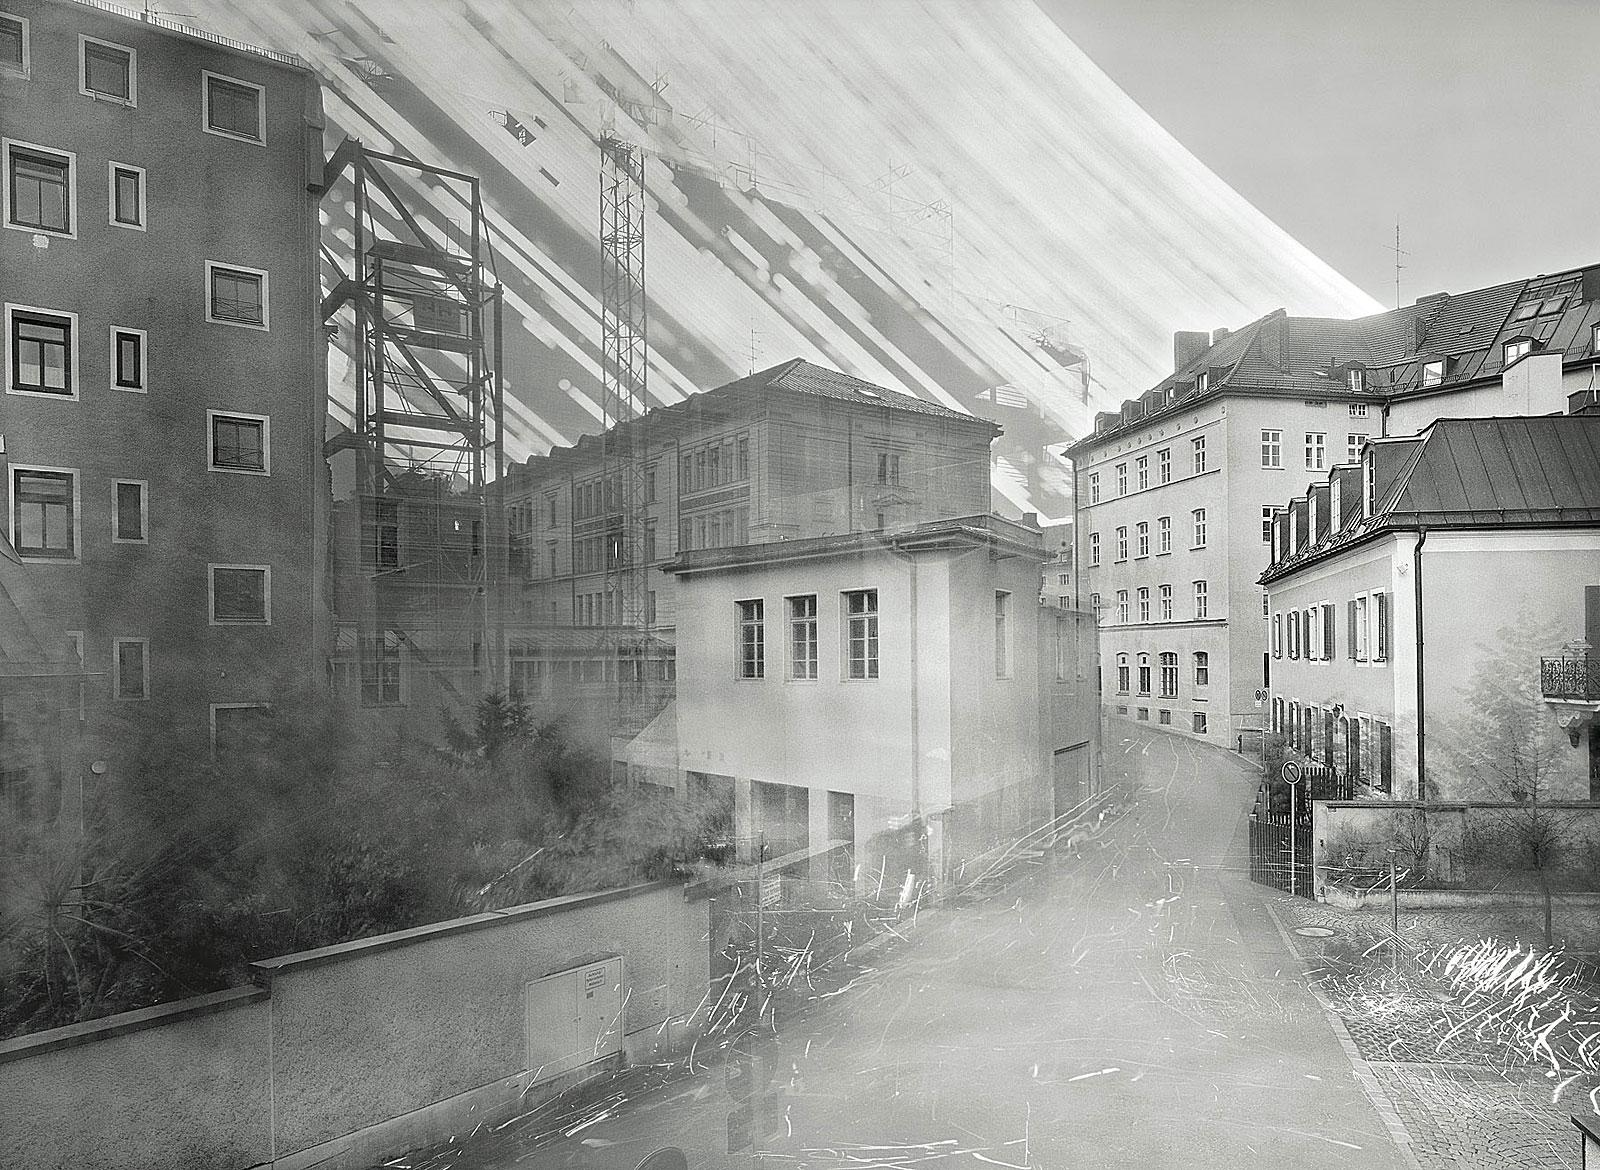 Herrnstraße, München (9.4.1999 - 11.12.2000)